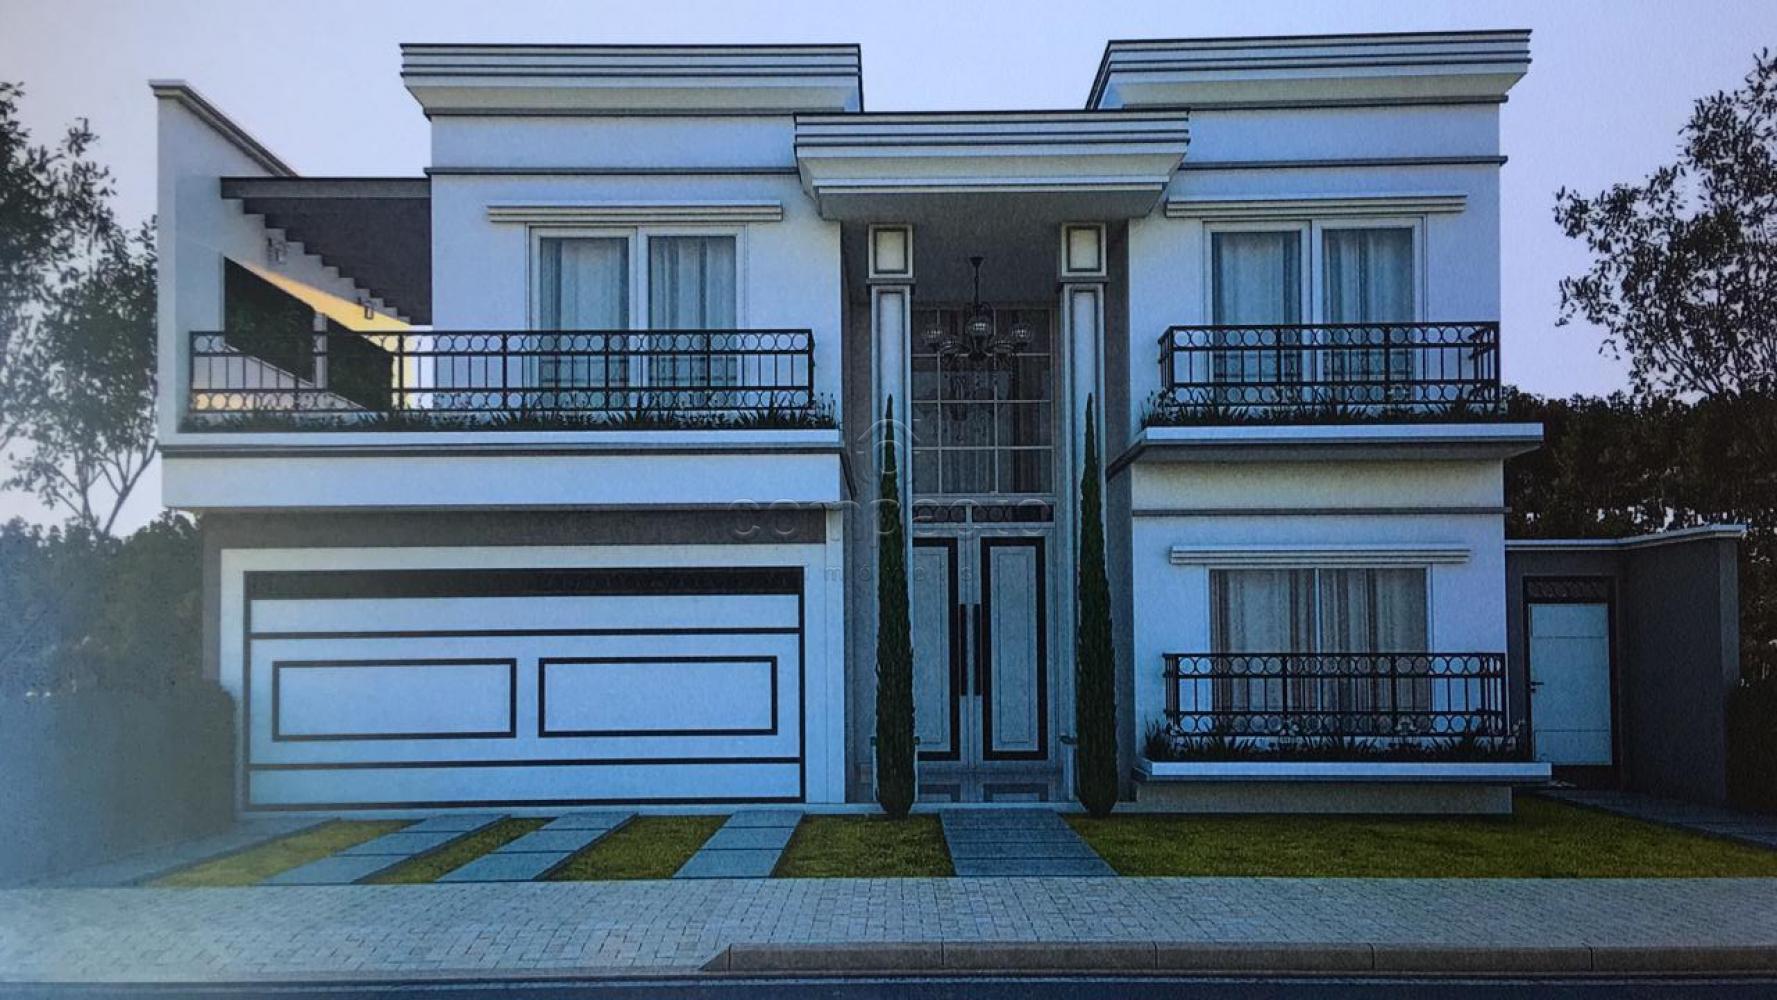 Comprar Casa / Condomínio em São Carlos apenas R$ 950.000,00 - Foto 1